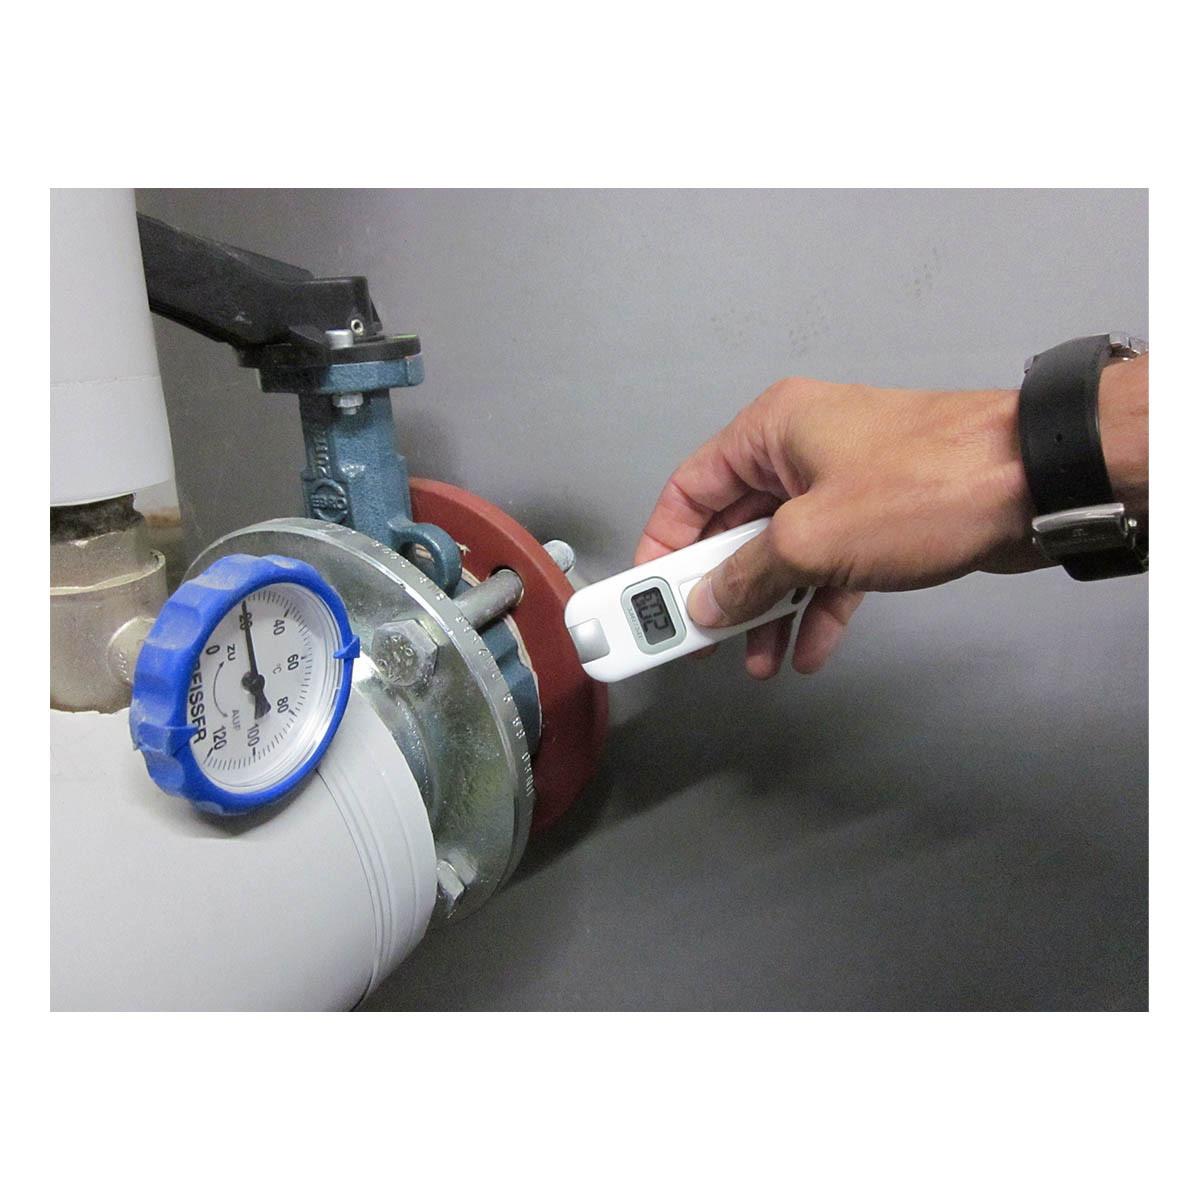 31-1128-infrarot-thermometer-slim-flash-anwendung1-1200x1200px.jpg